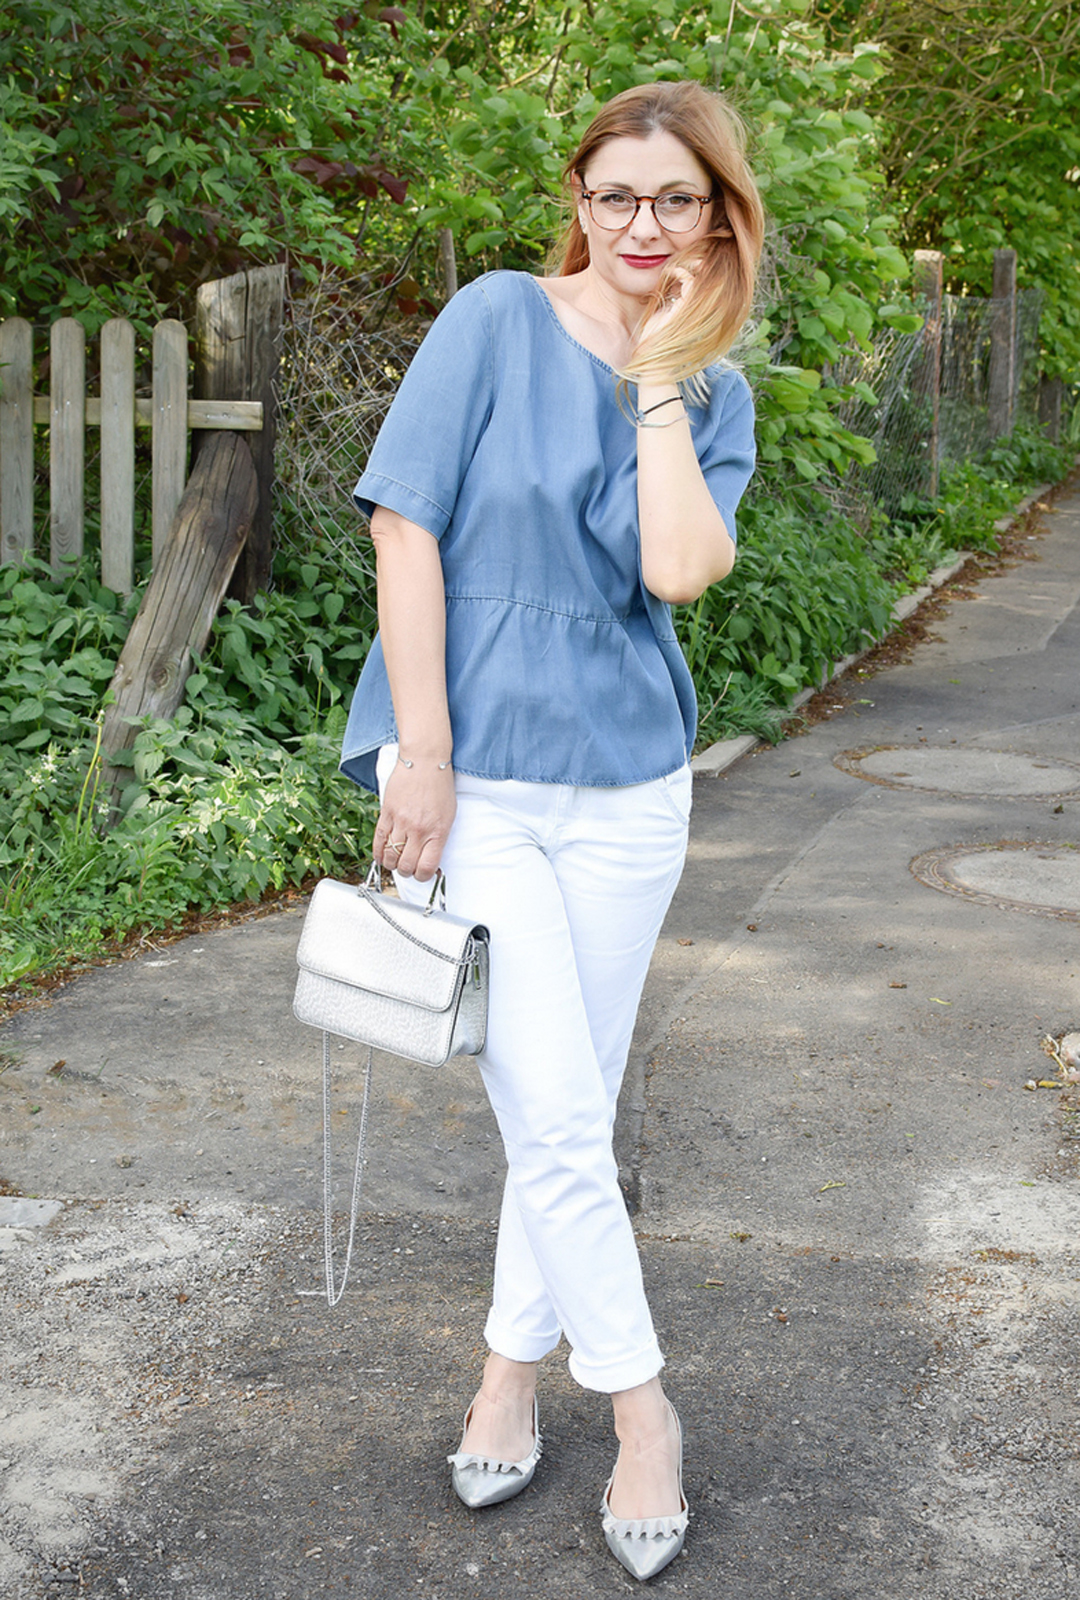 weiße 7/8 Jeans, hellblaue Jeans Bluse mit Volants aus der Tchibo Mode Kollektion Luftig und leger